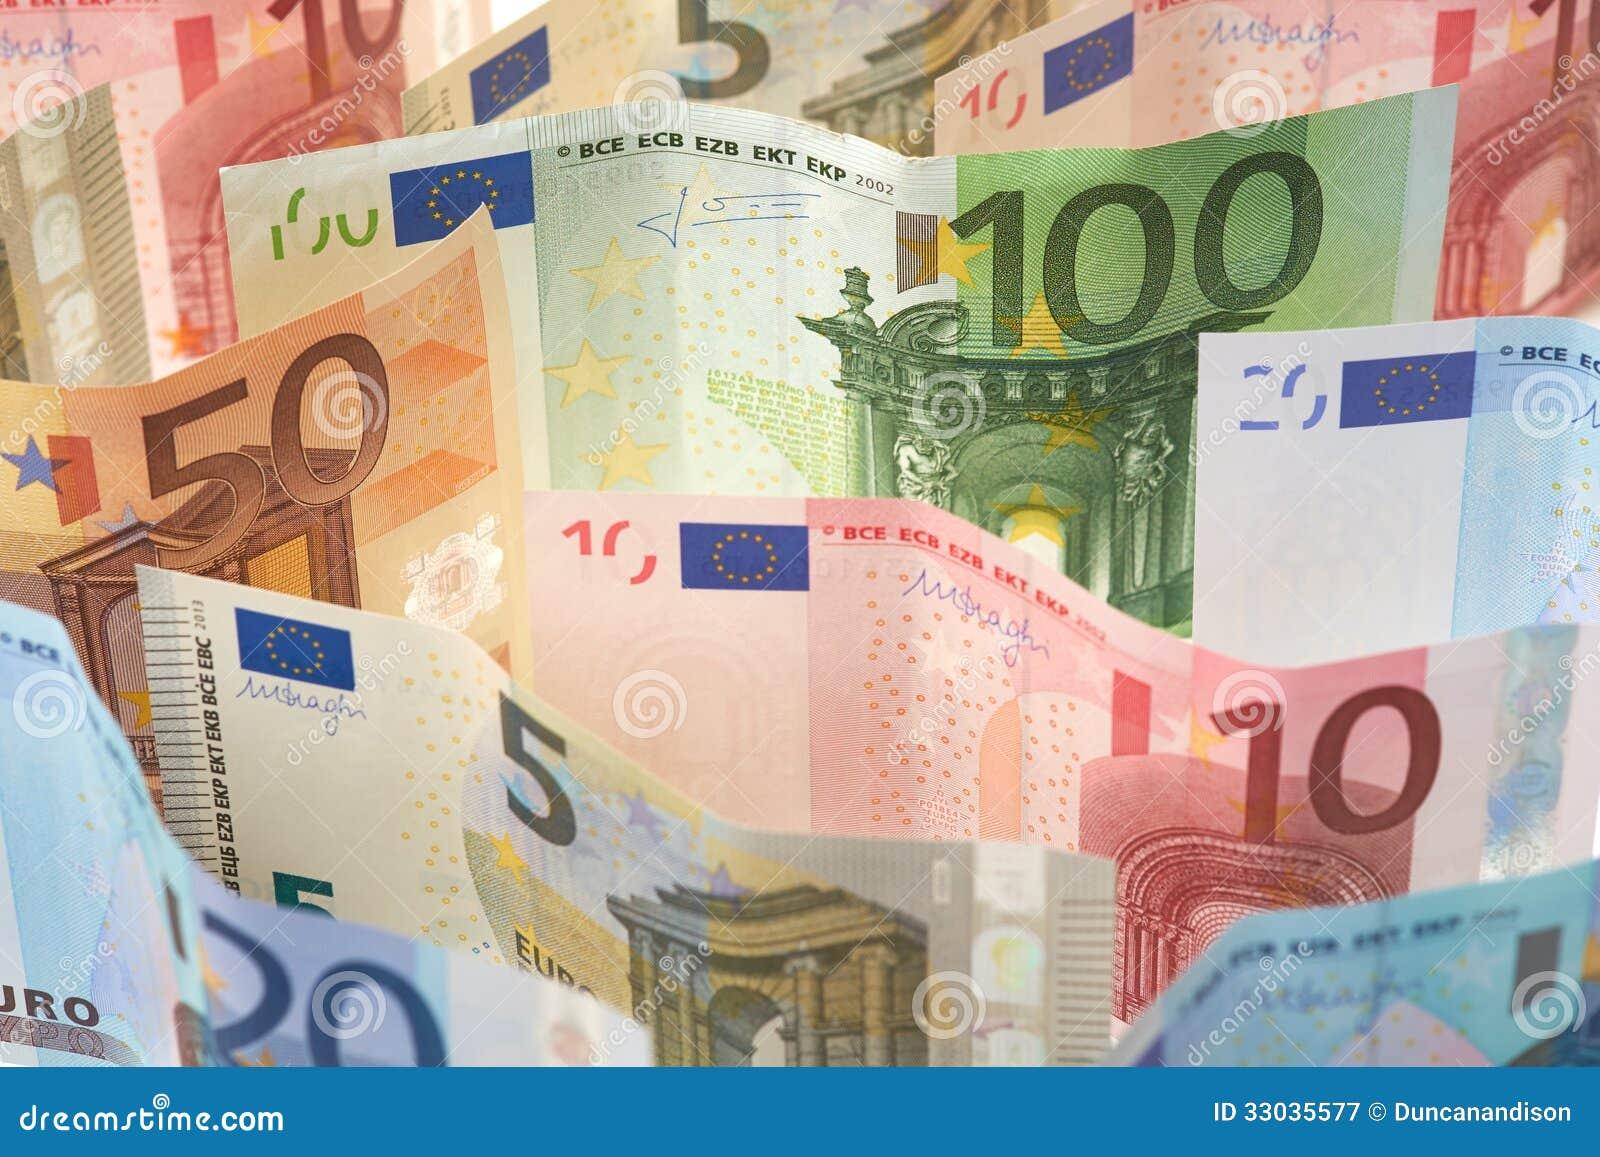 epub Wettbewerbsstrategien für deutsche Speditionen: Am Beispiel des Marktes